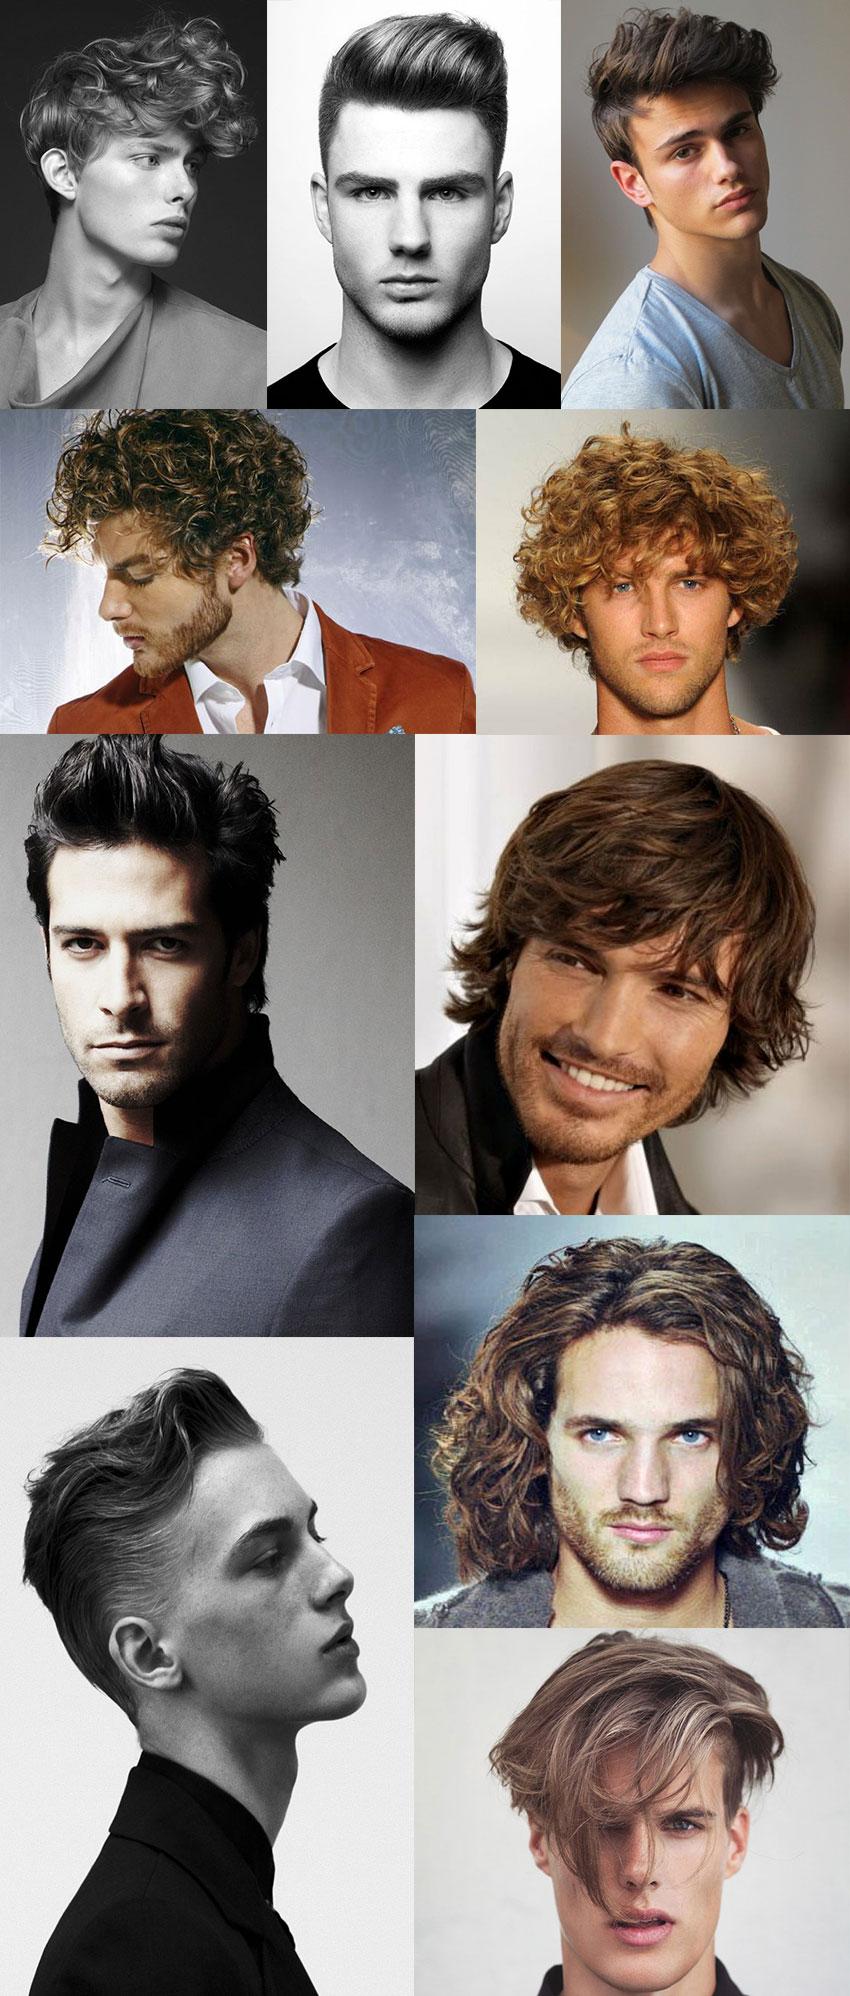 capelli-uomo-trend-autunno-inverno-2017-2018